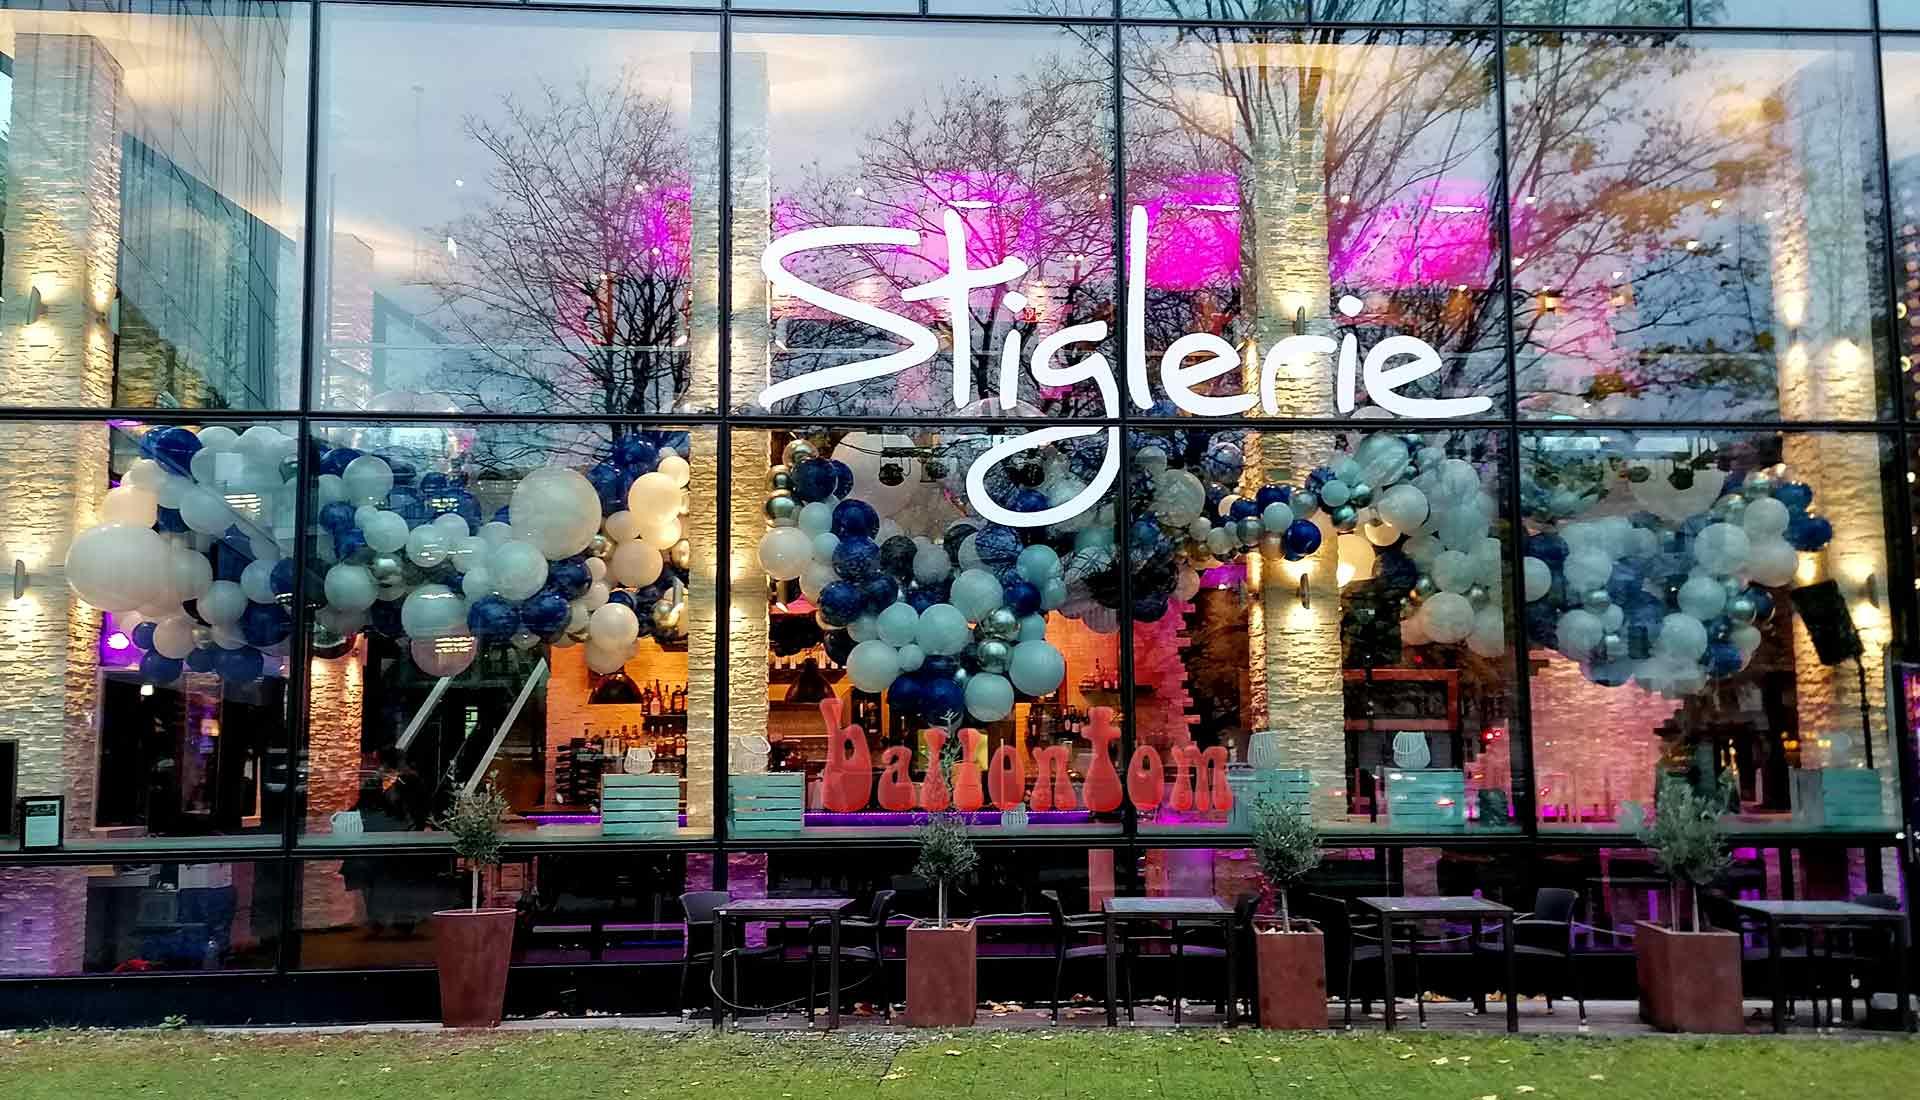 Organic Dekoration in der Stiglerie in München -  Projekt + Durchführung von ballontom